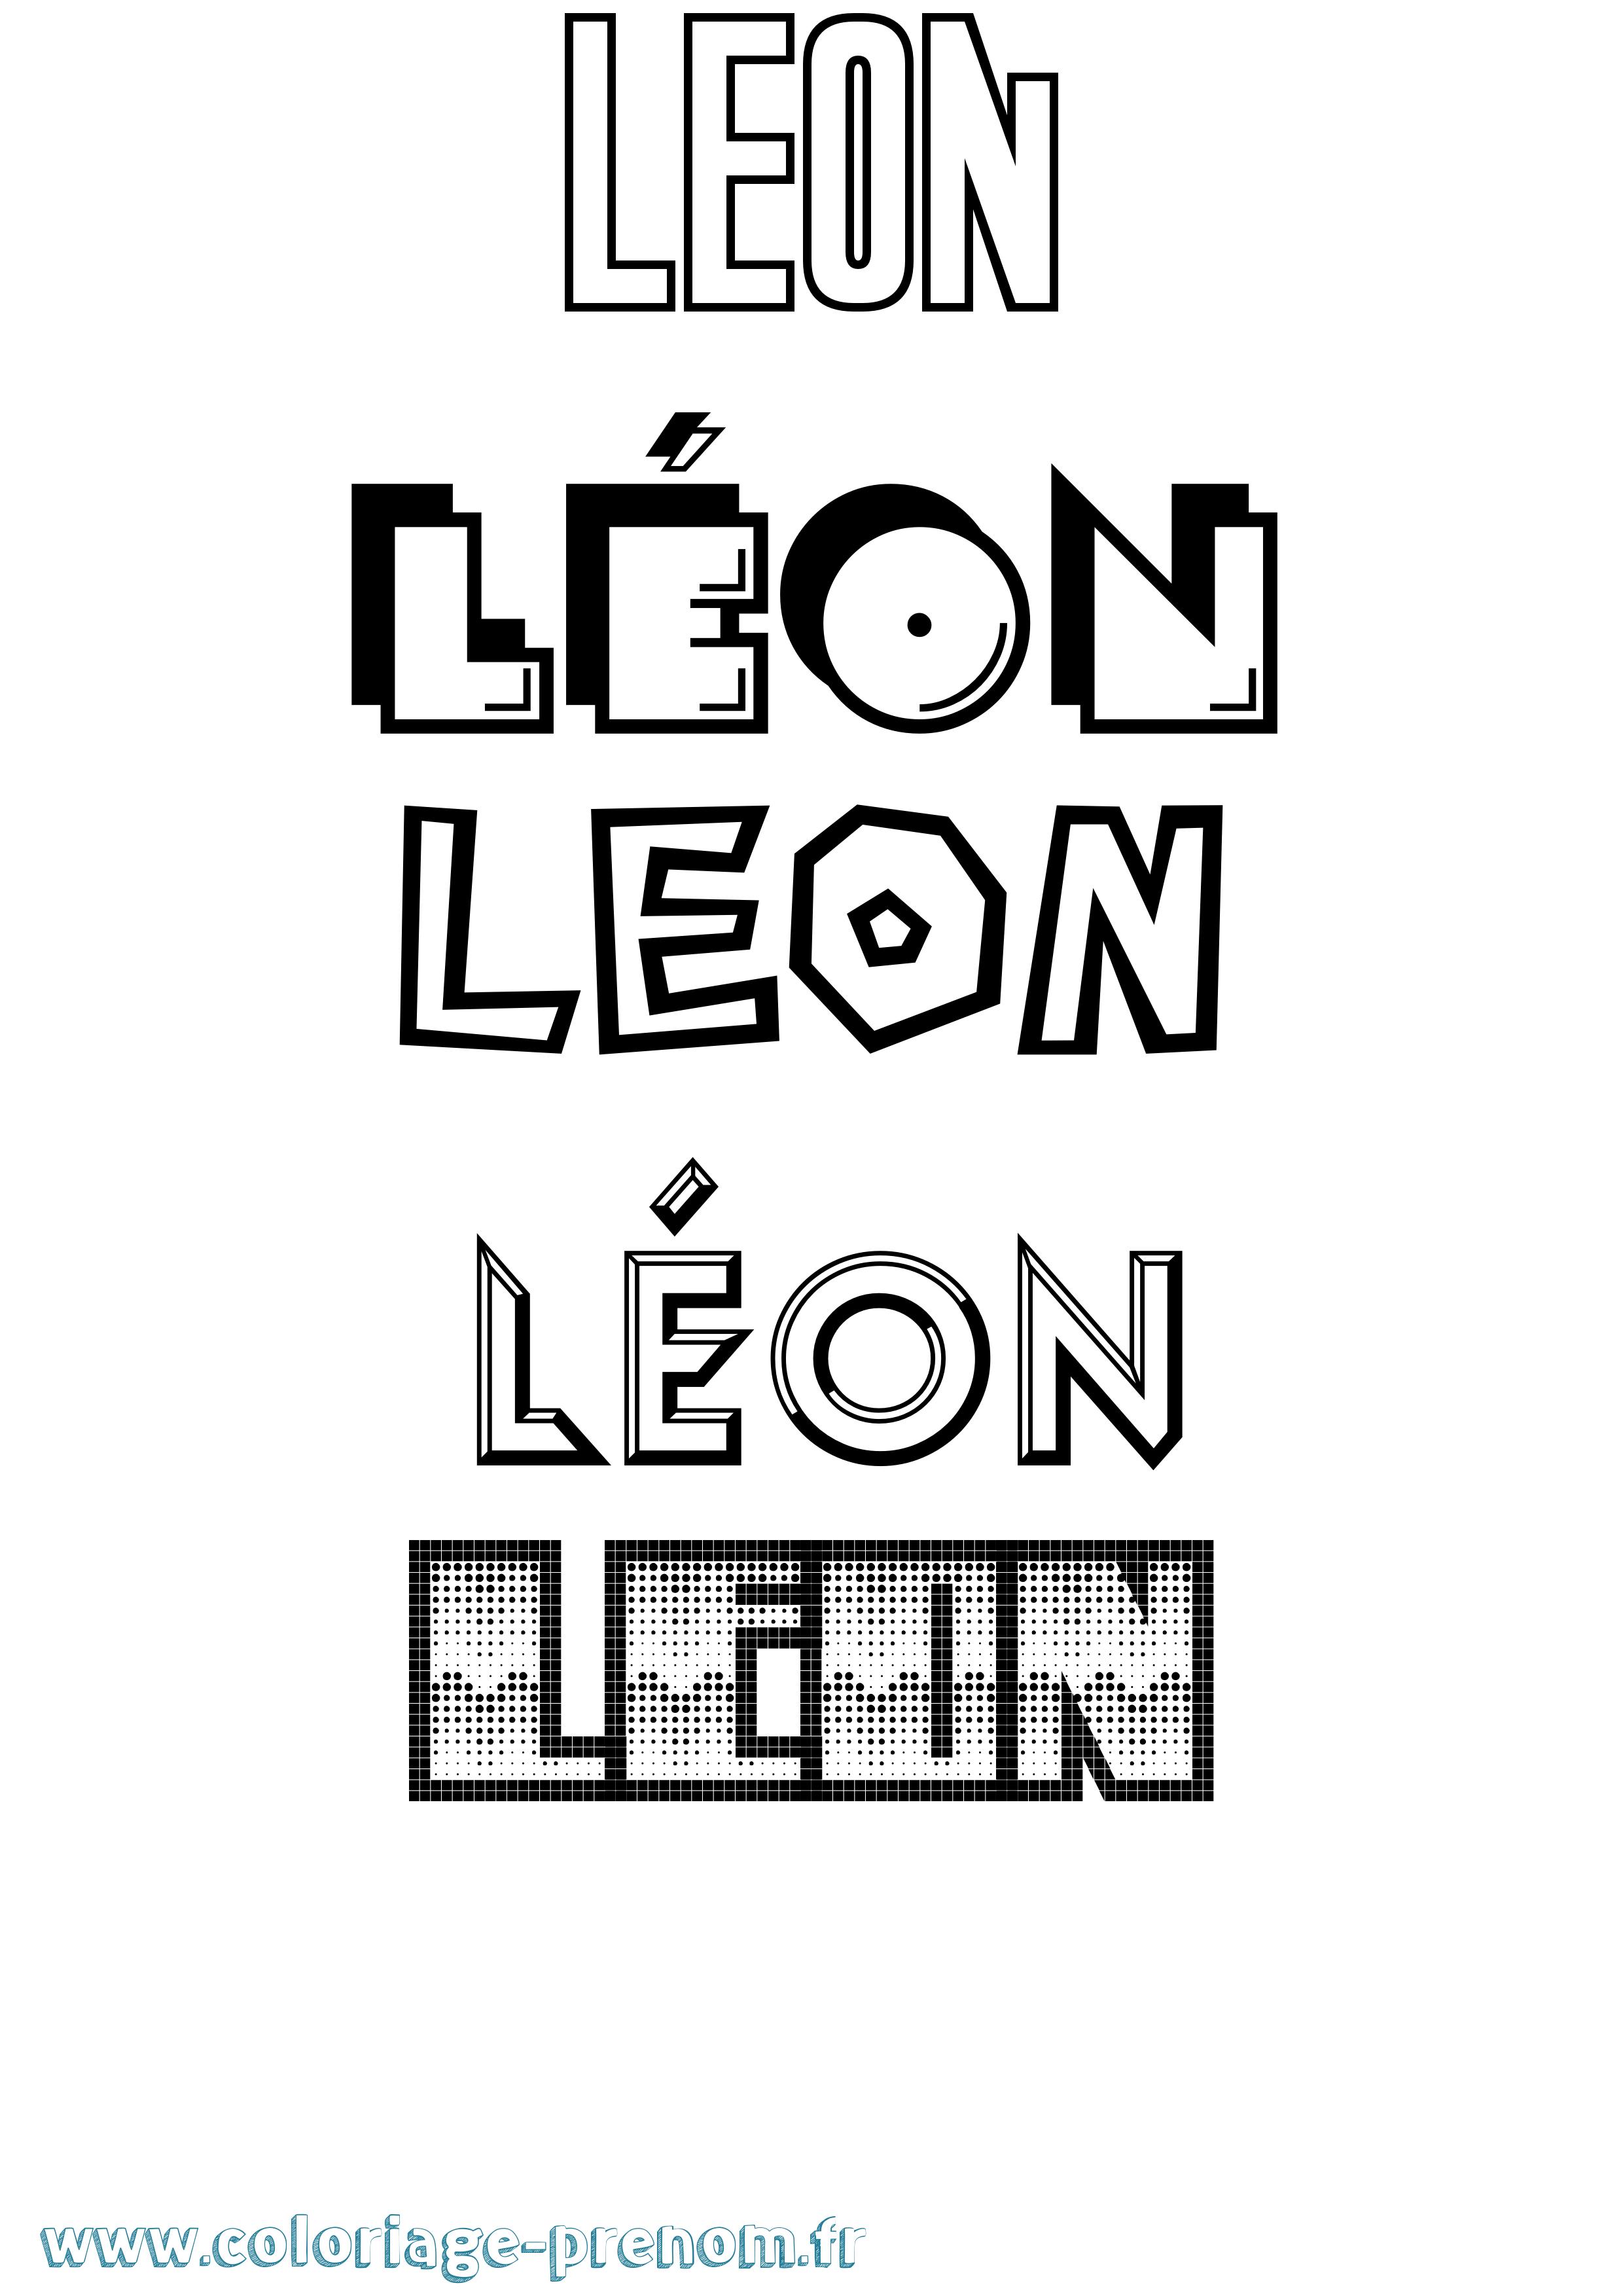 Coloriage du prénom Léon : à Imprimer ou Télécharger ...